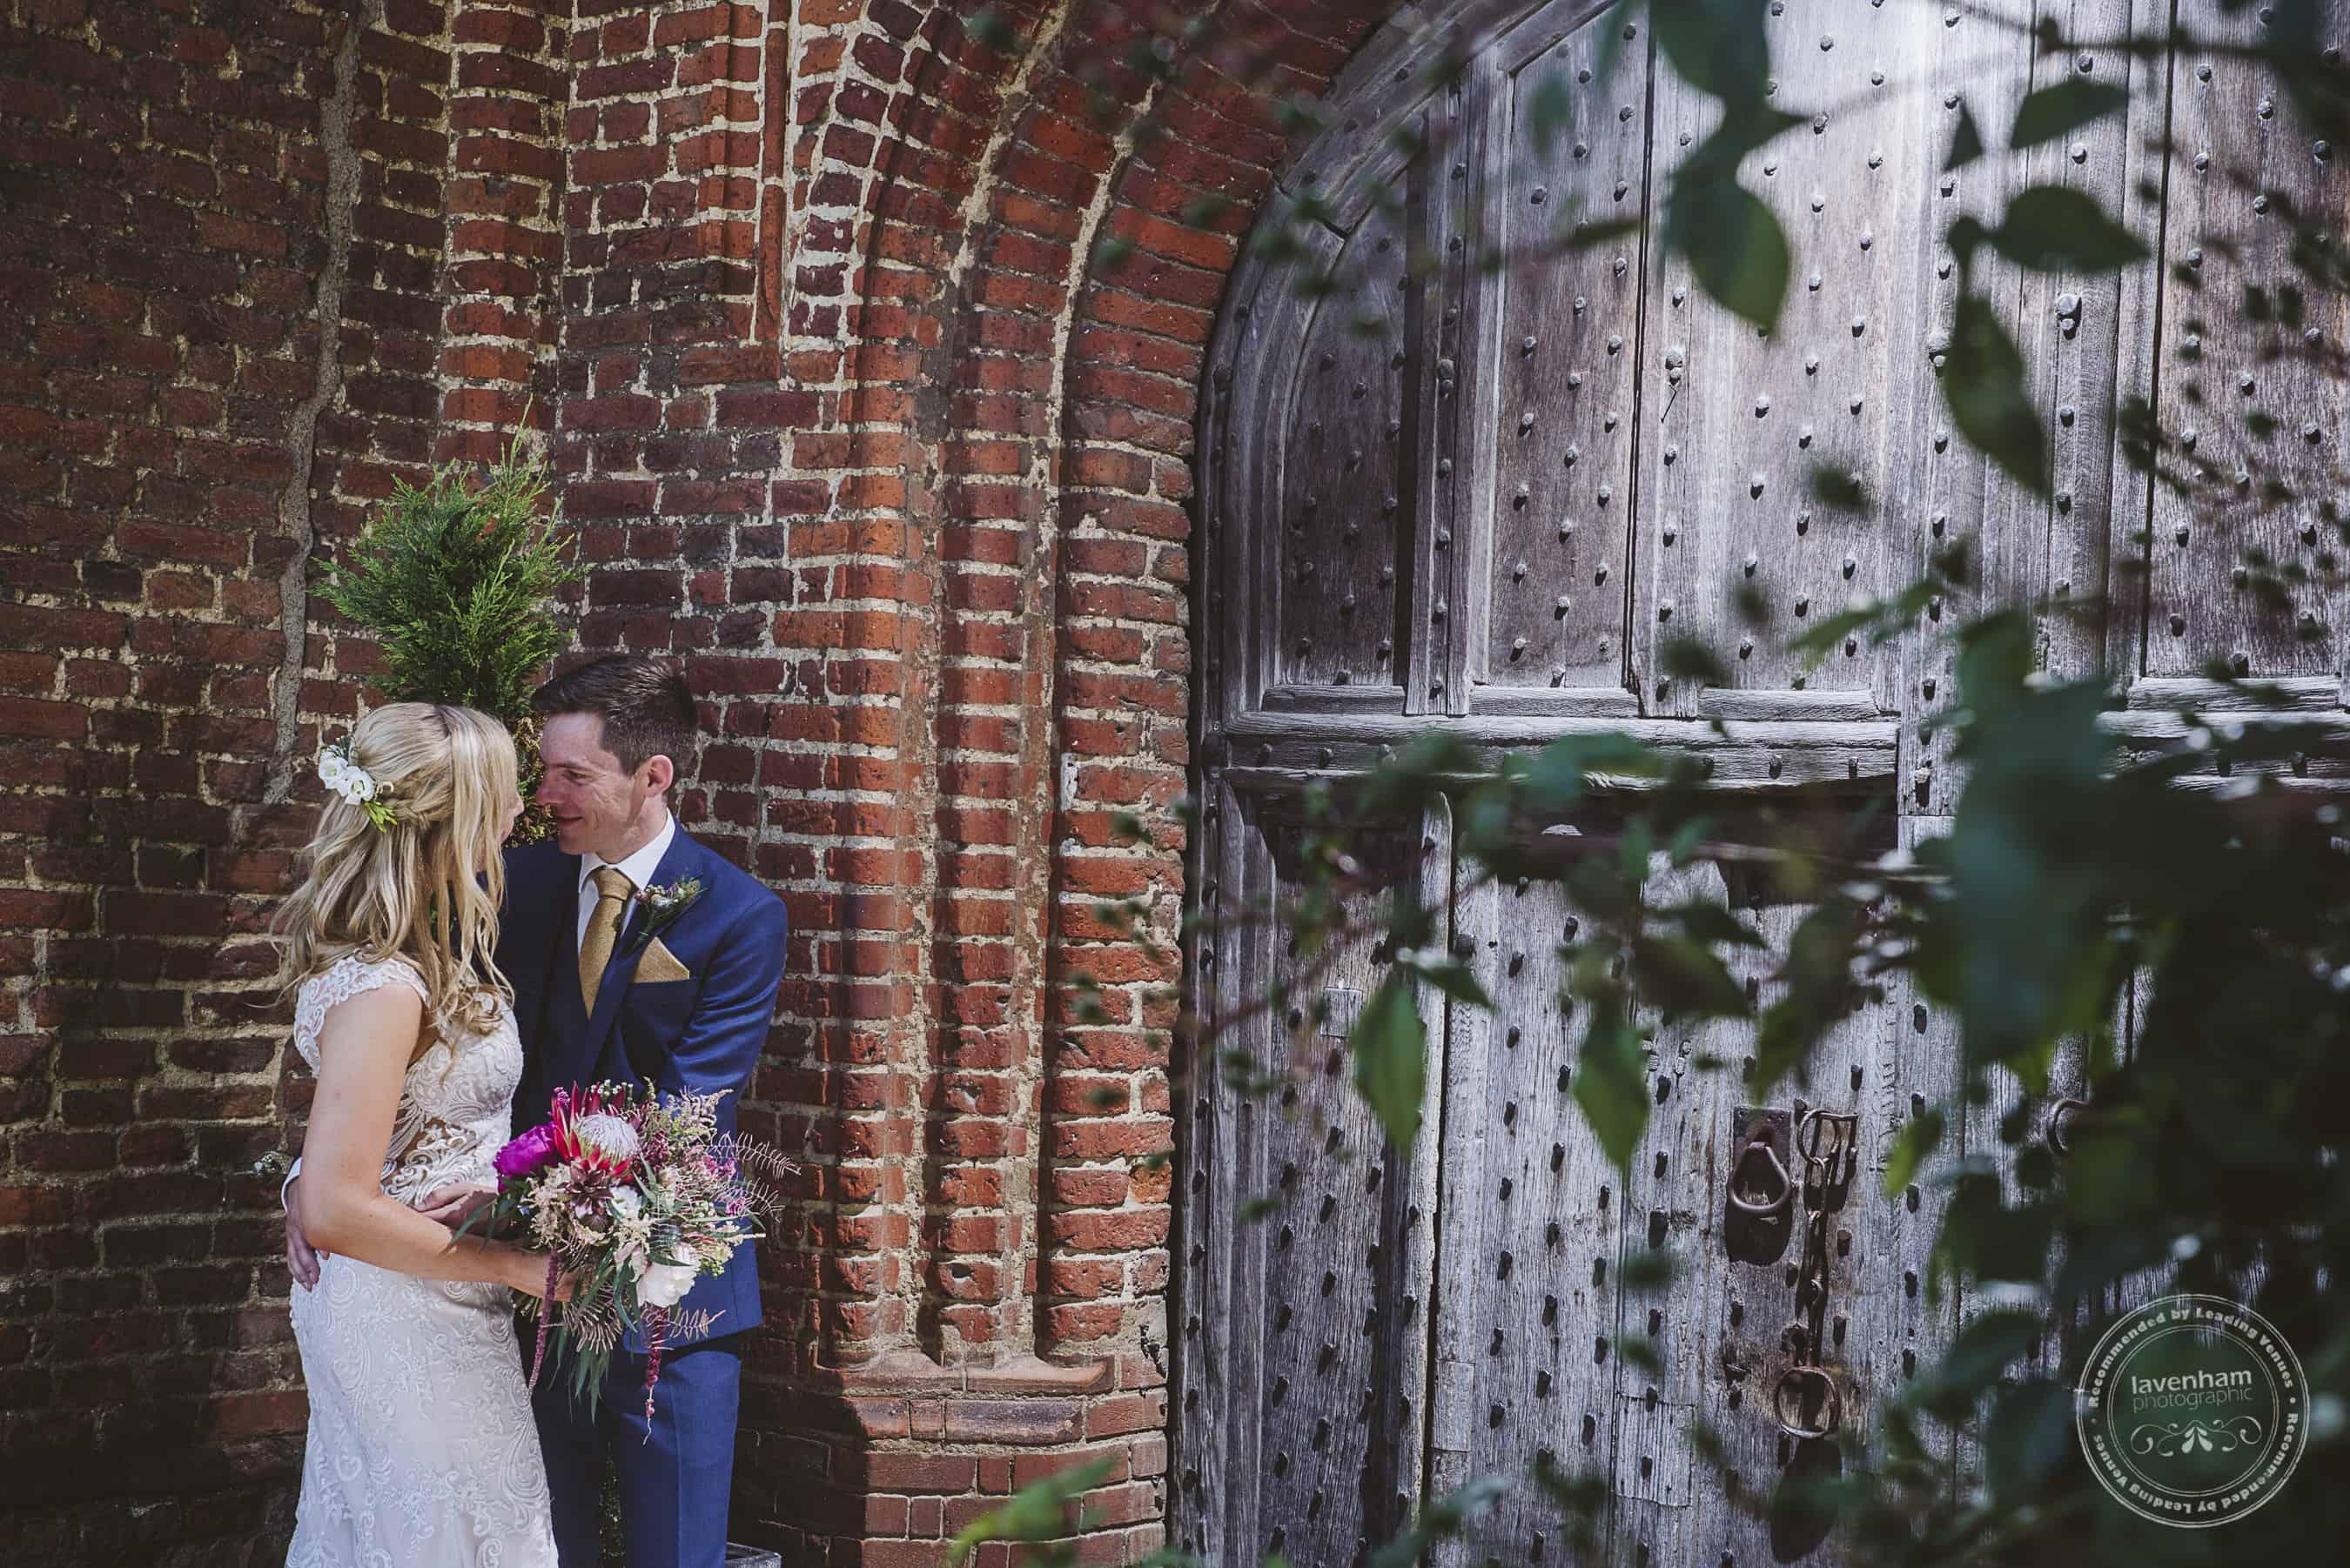 020618 Leez Priory Wedding Photography Lavenham Photographic 164